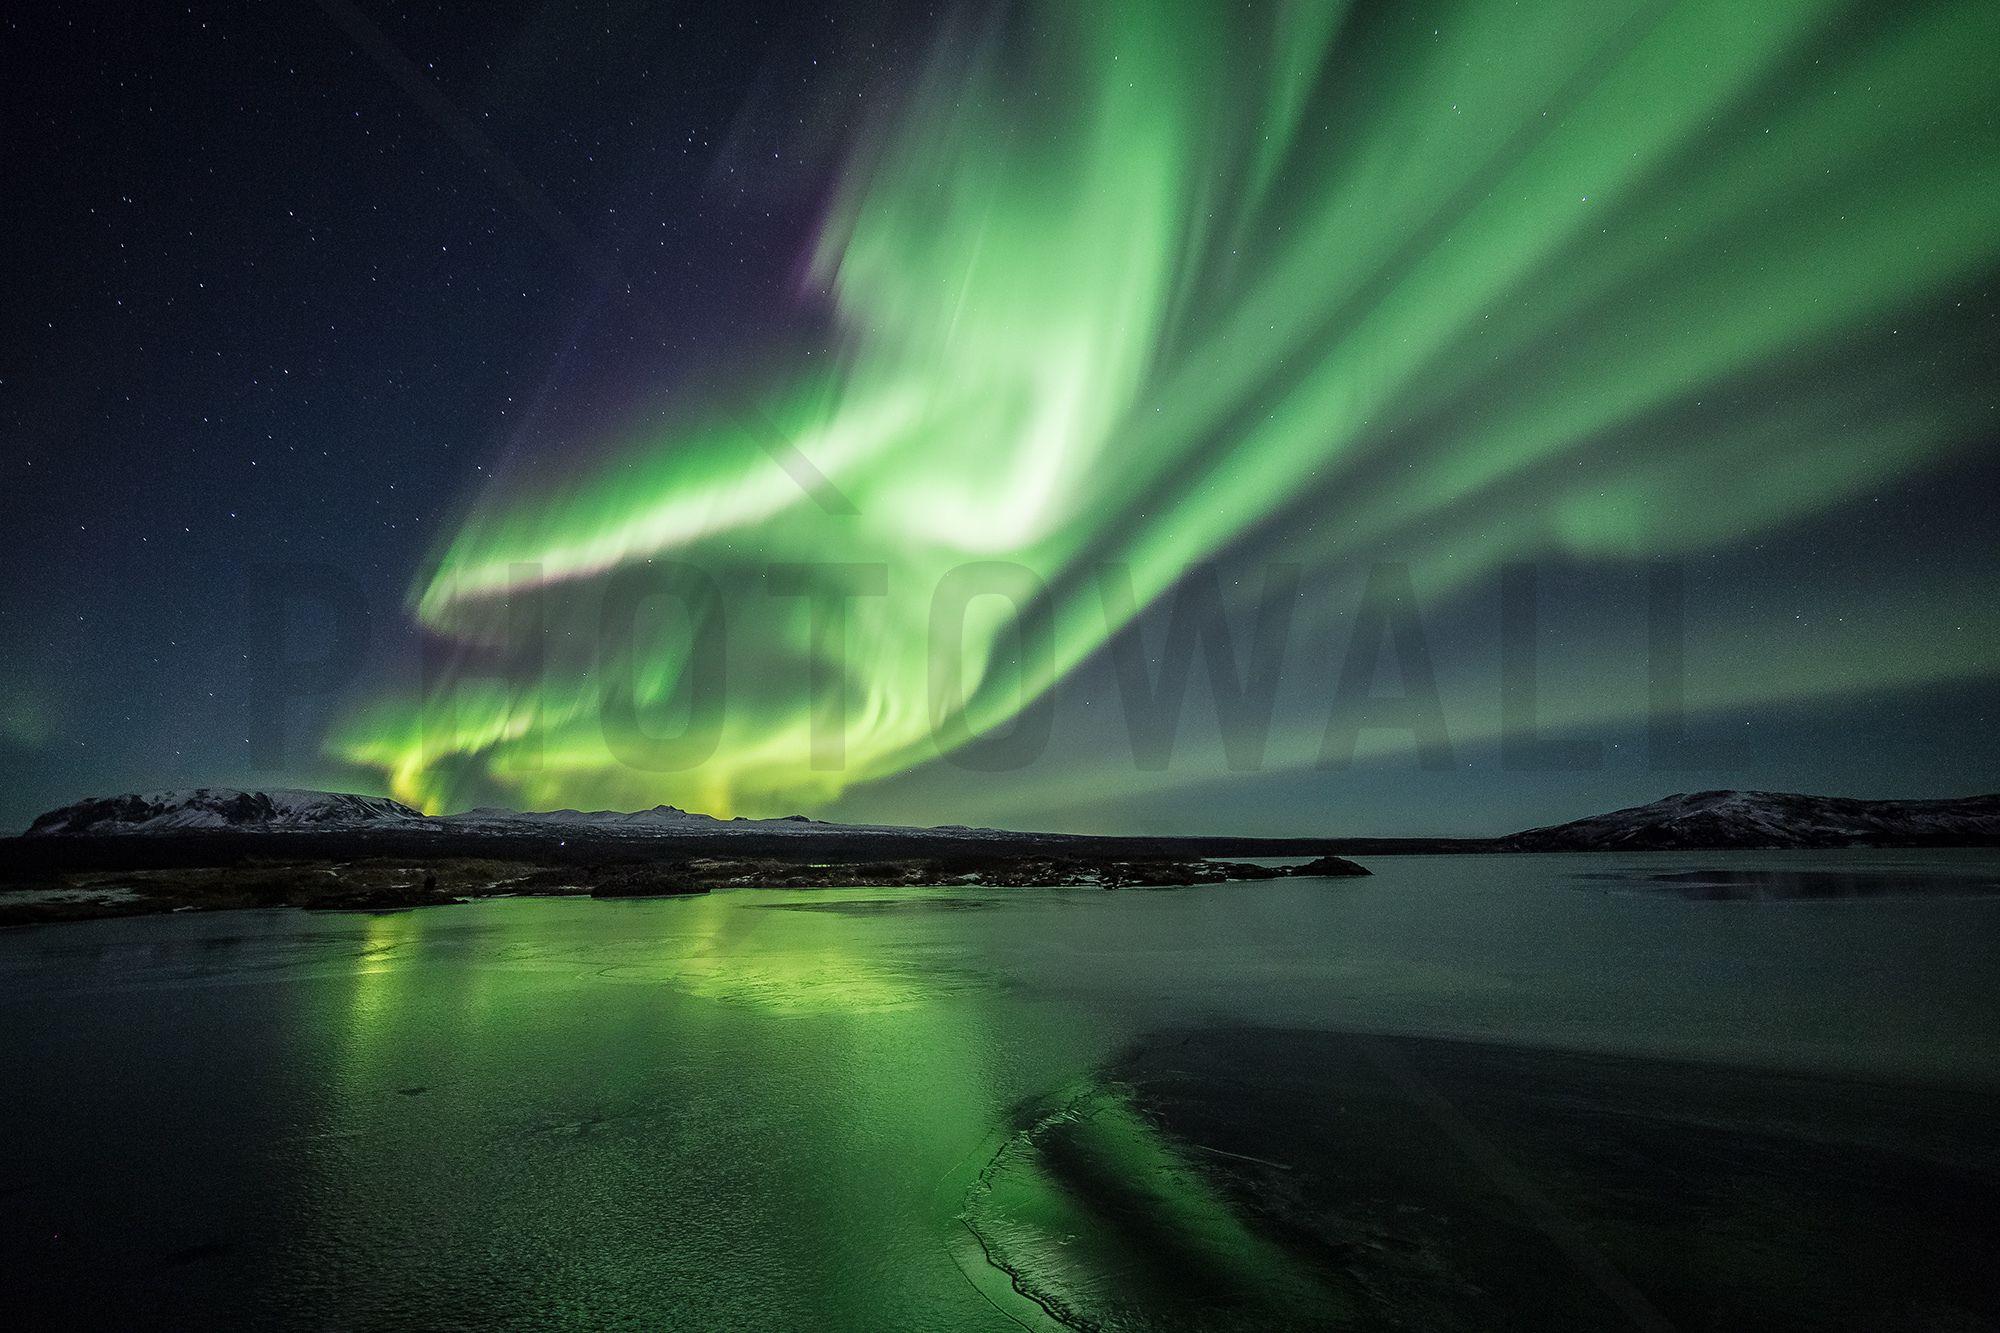 Enchanting Aurora Borealis Wall Mural & Photo Wallpaper